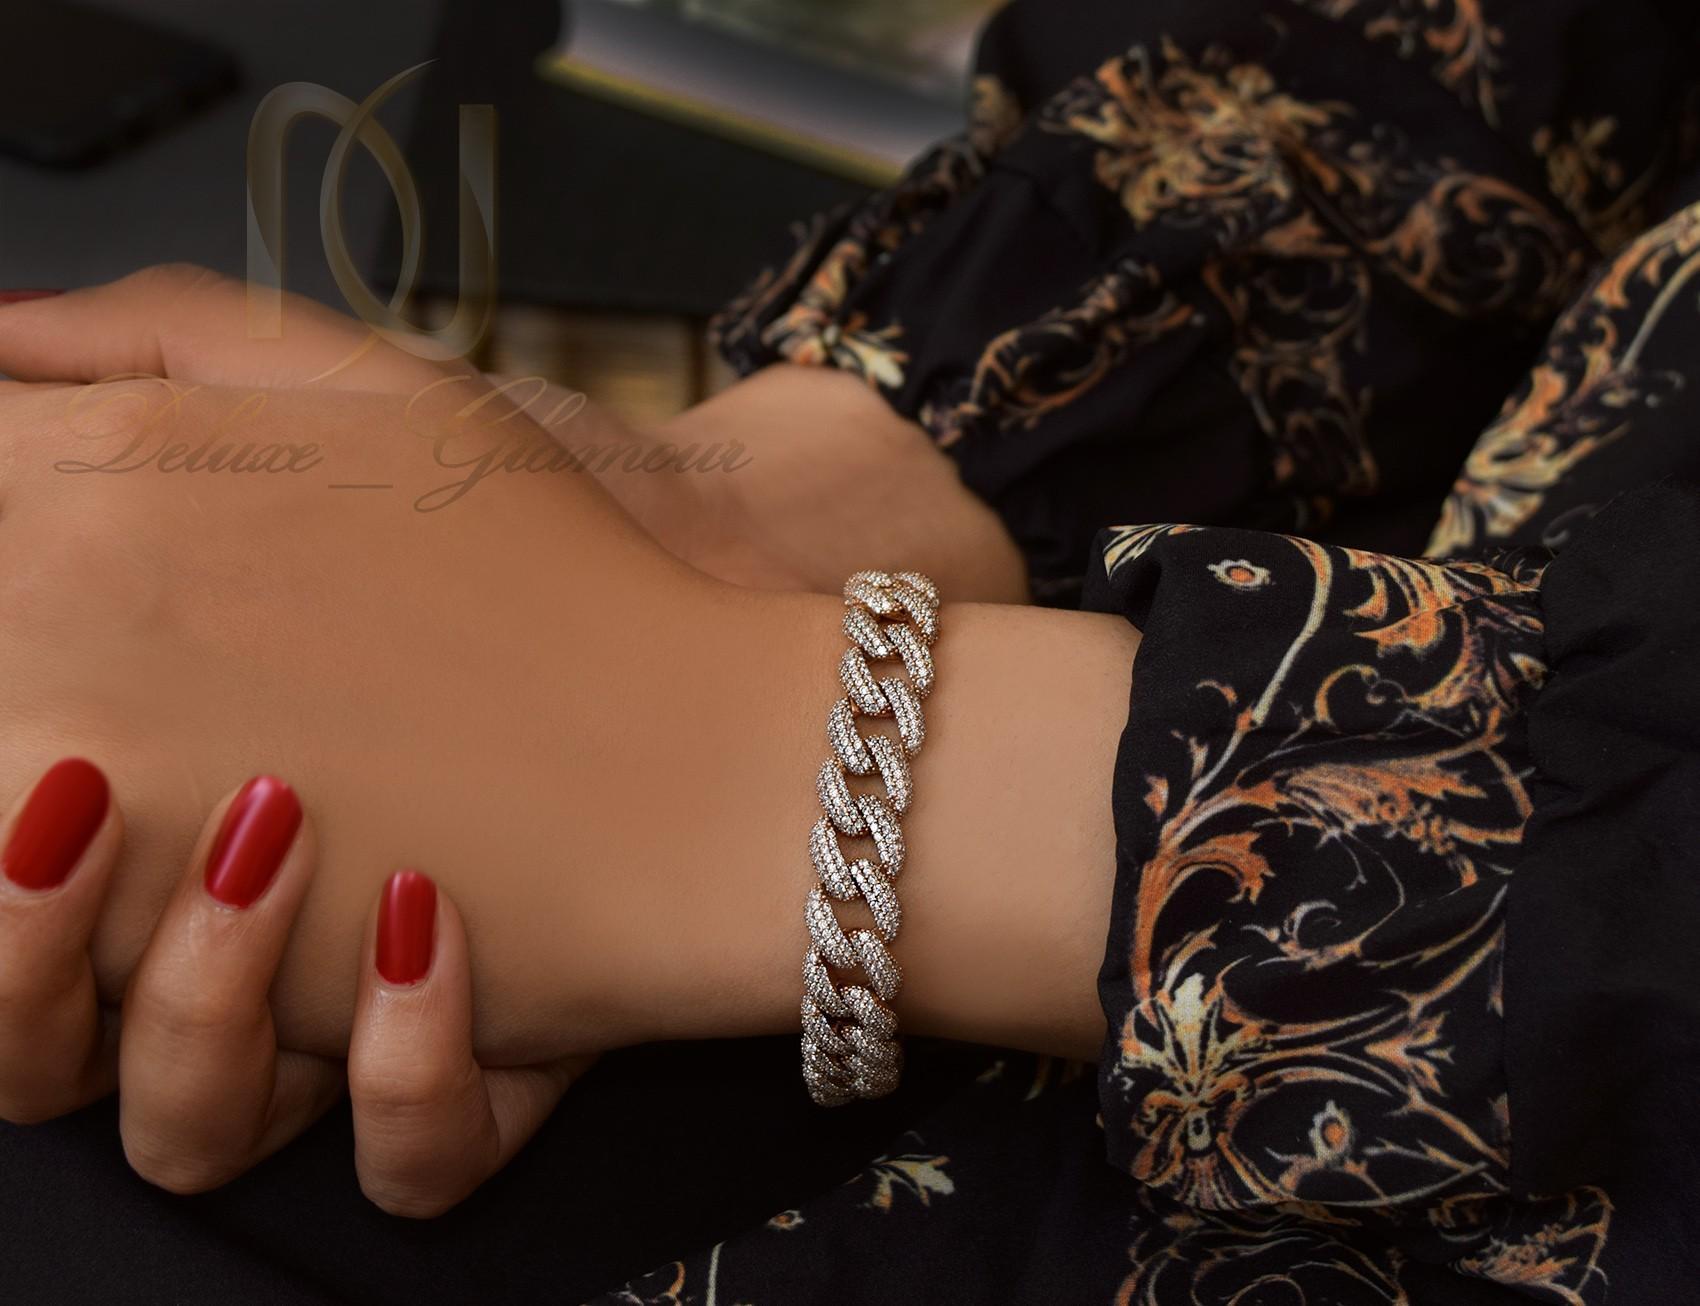 دستبند نقره زنانه رزگلد کارتیه Ds-n308 (3)